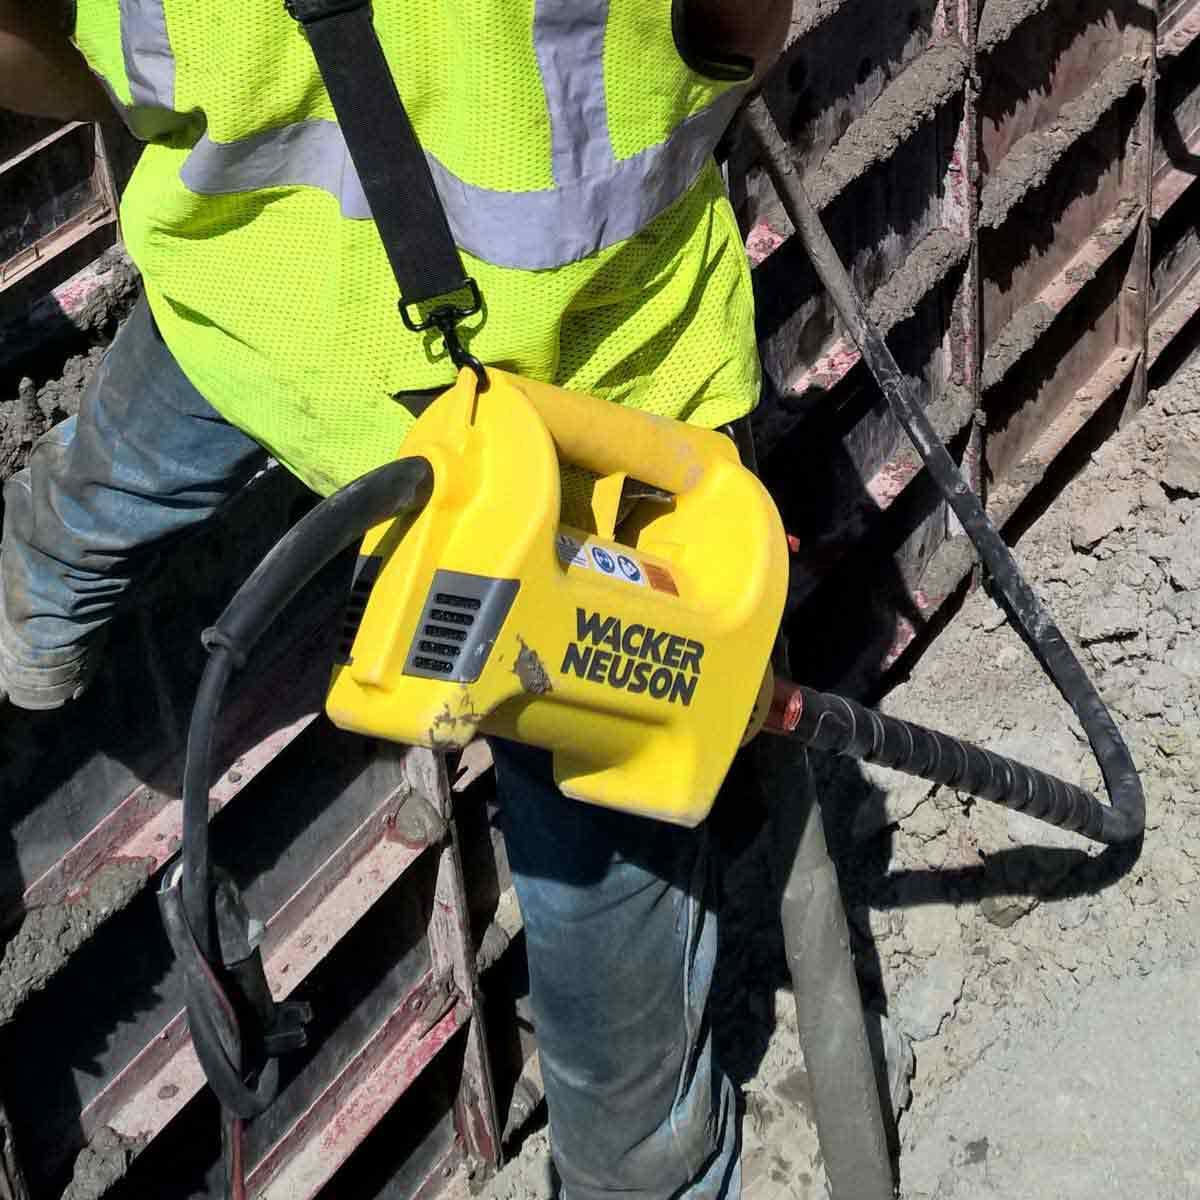 M1500 Wacker Neuson concrete side